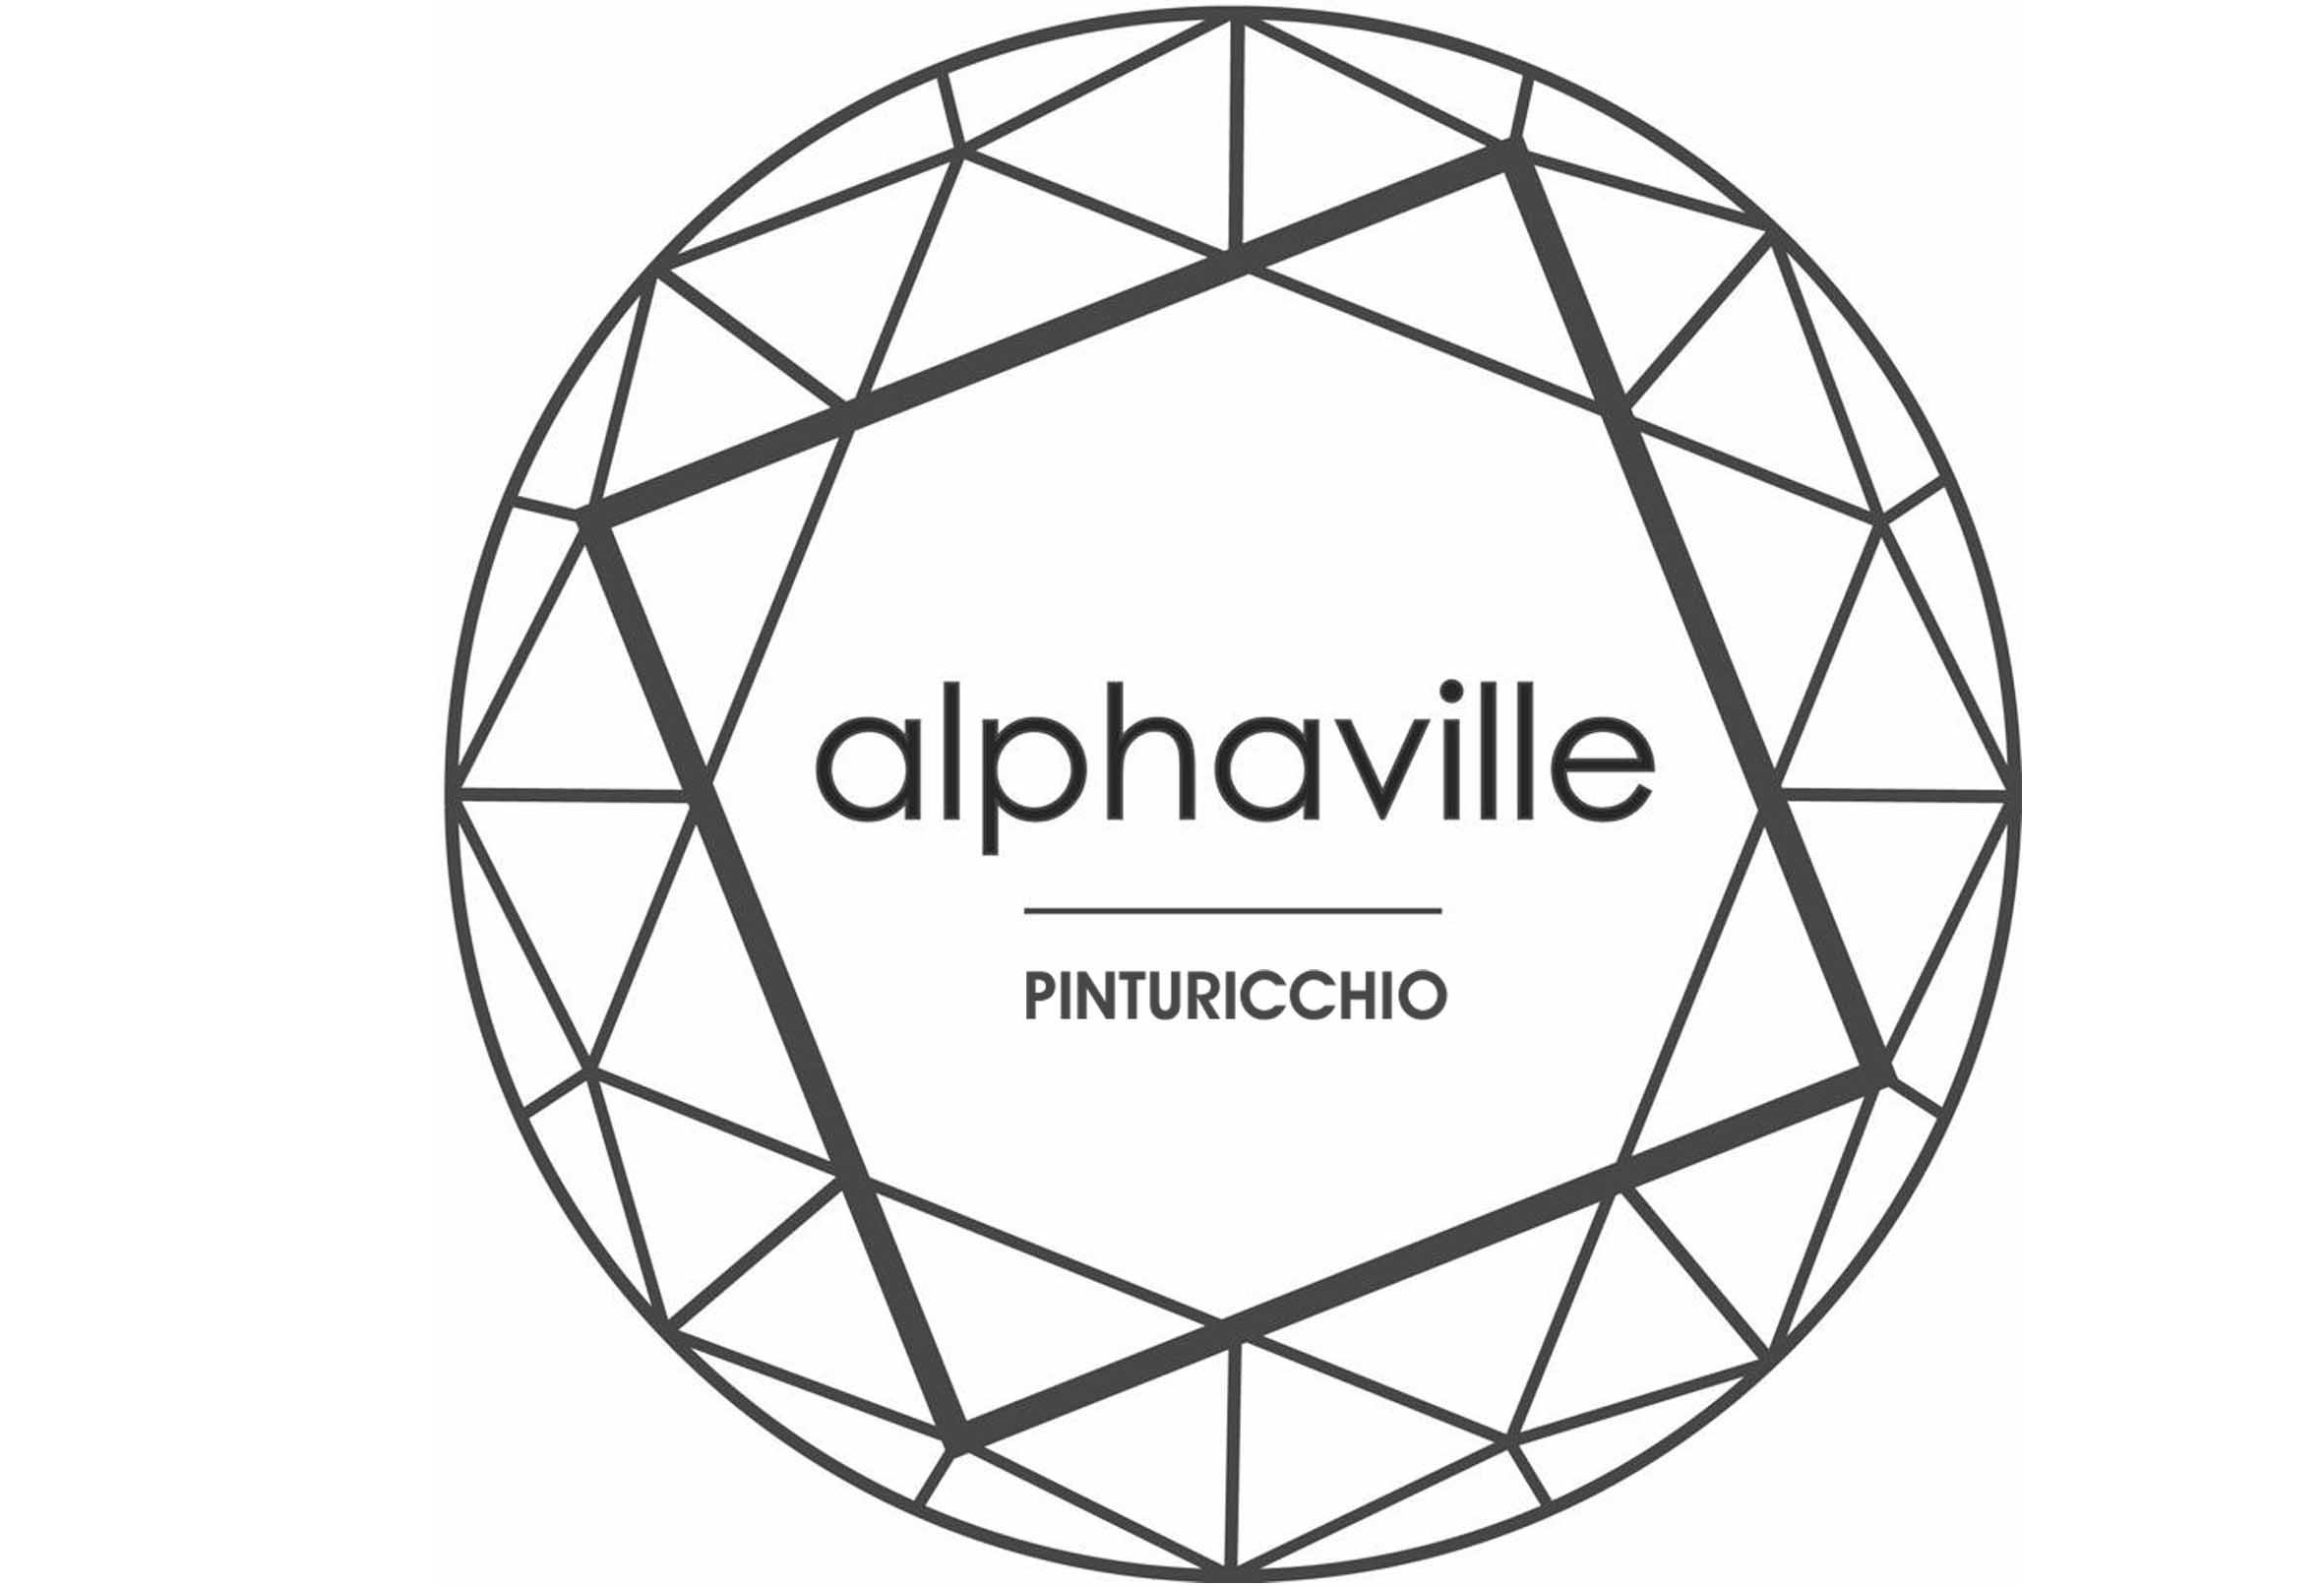 Alphaville - Pinturicchio